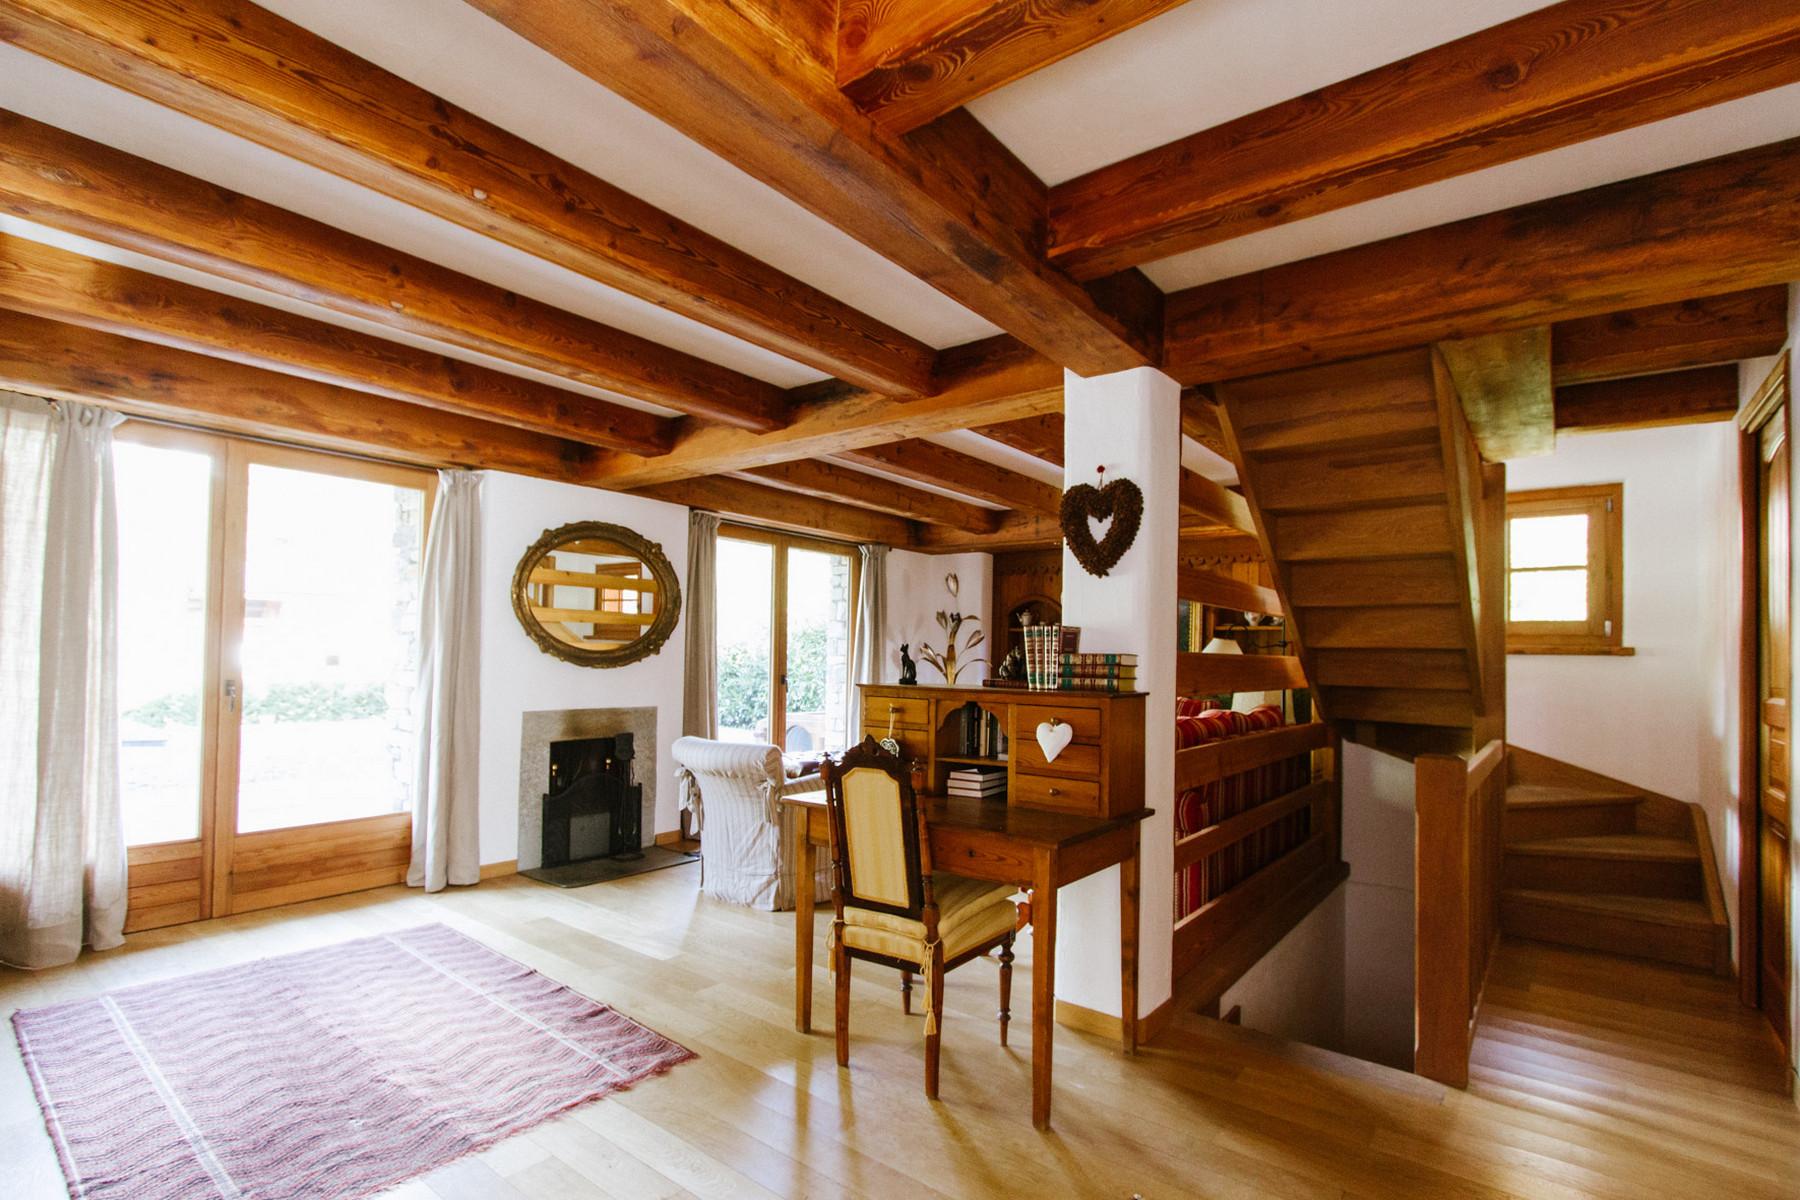 Villa in Vendita a Pre'-Saint-Didier: 5 locali, 350 mq - Foto 5